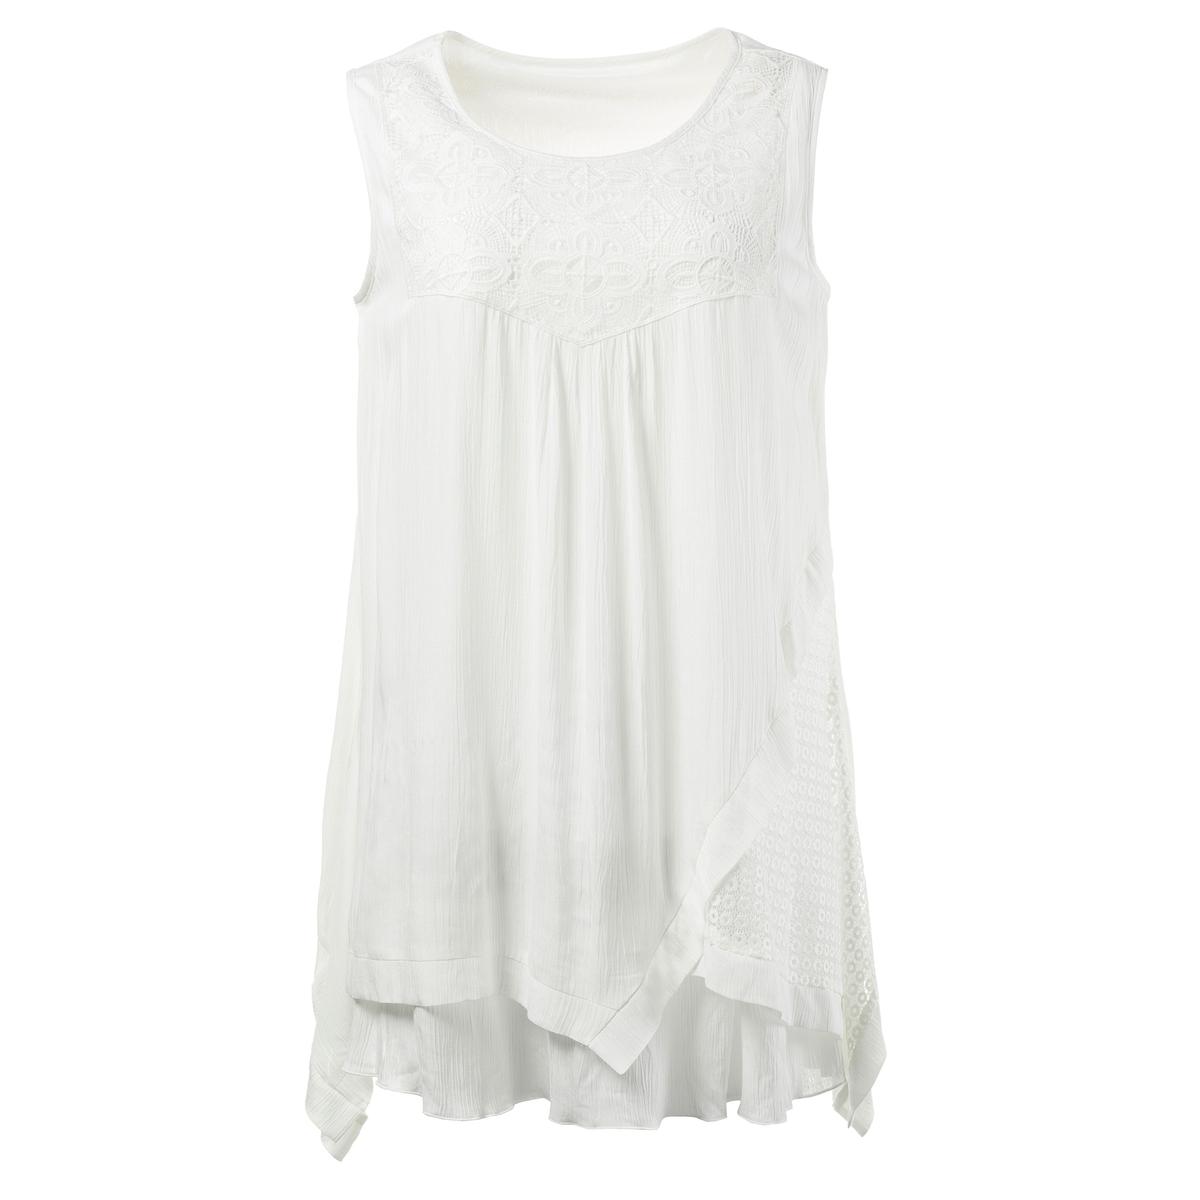 БлузкаТоп в форме блузки ULLA POPKEN из ткани под креп. Круглый вырез, вставки из непрозрачного кружева, низ с острыми концами и прозрачной вставкой. 100% вискоза. Длина в зависимости от размера. 76-81 см<br><br>Цвет: экрю